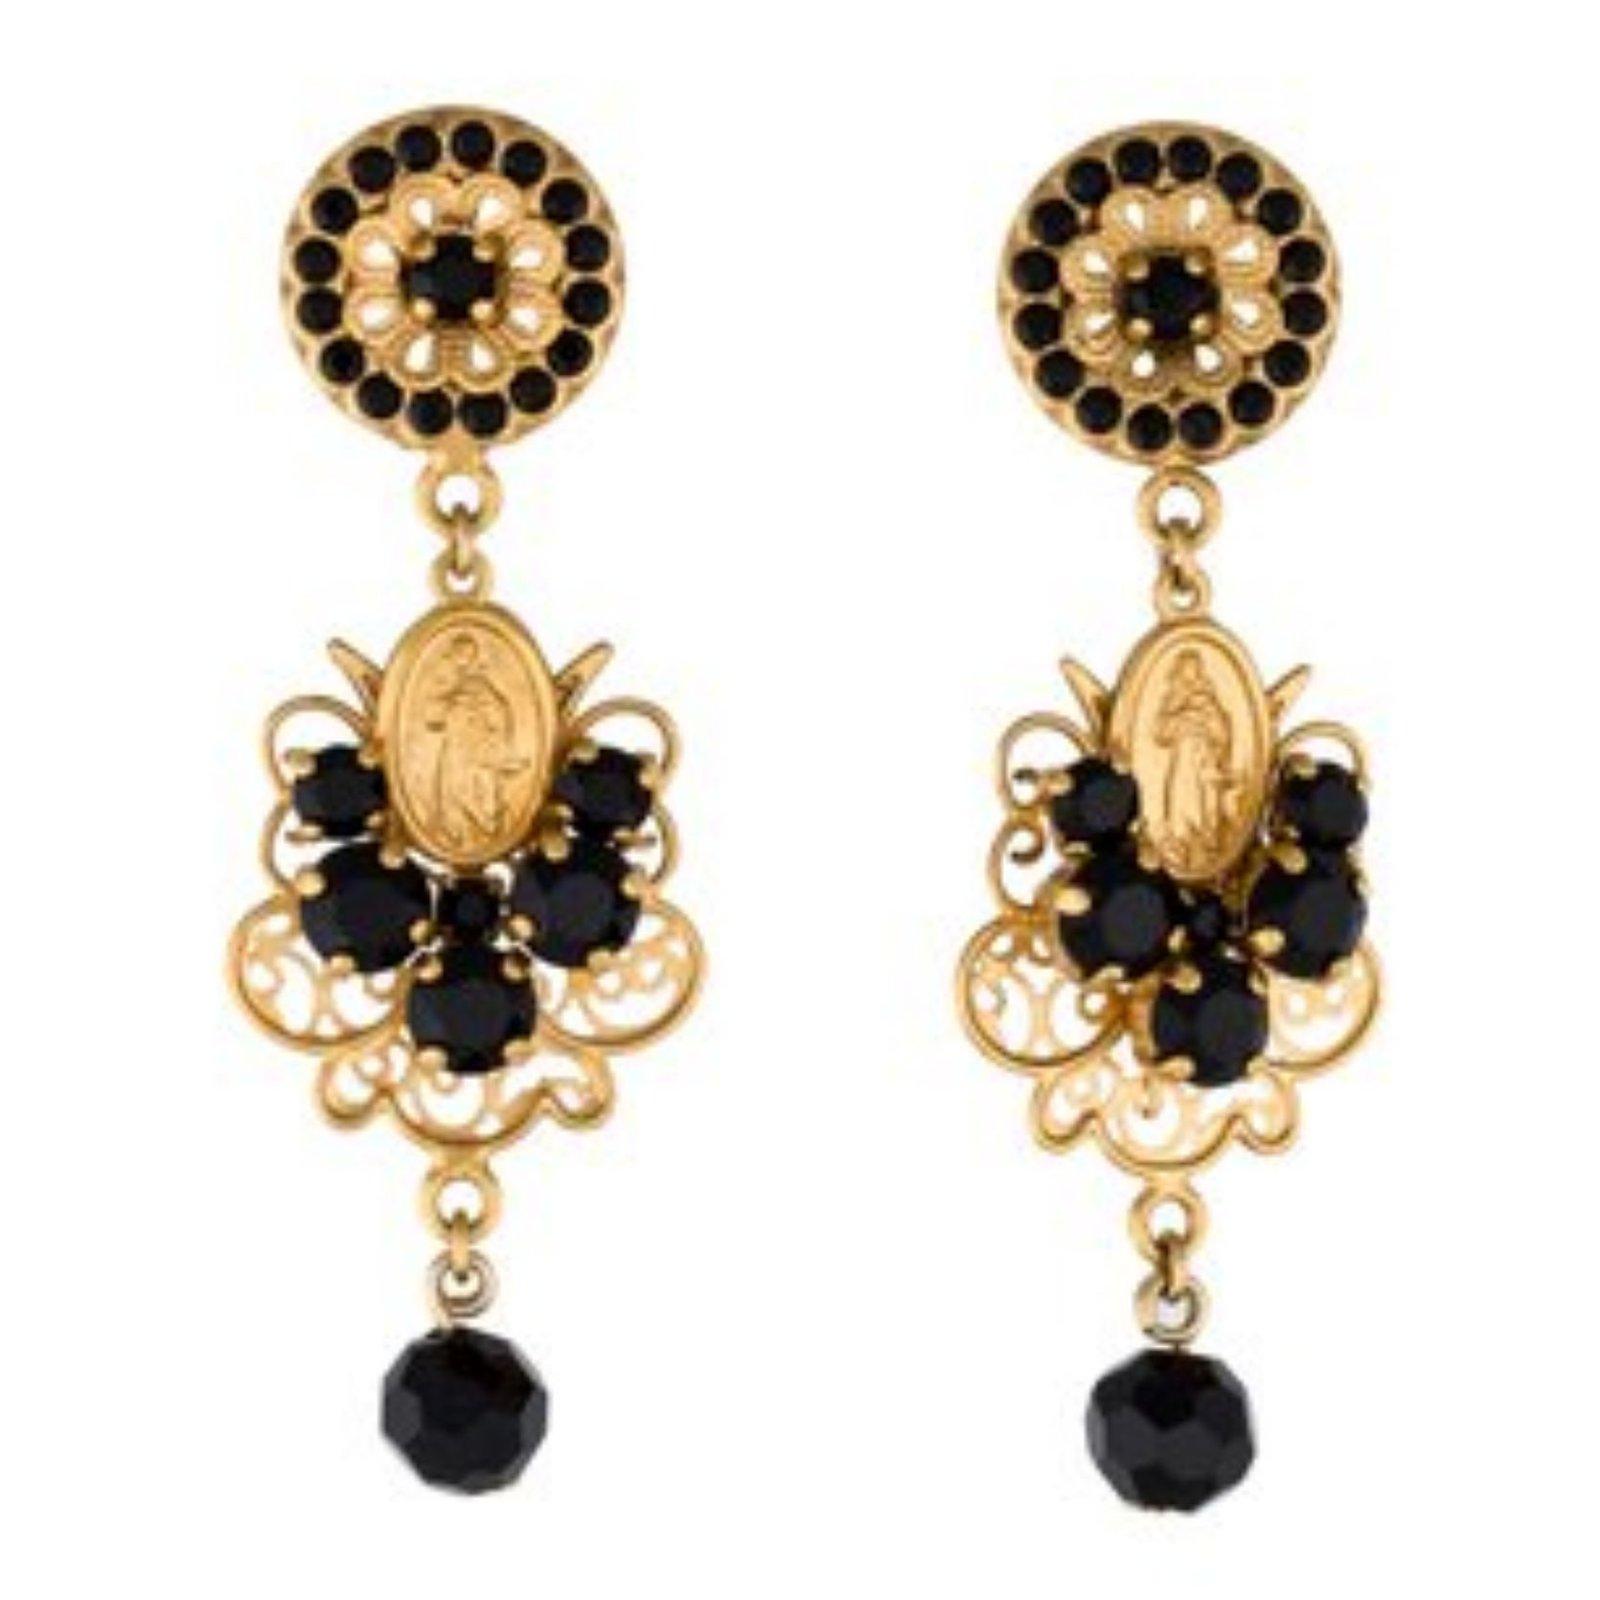 Dolce Gabbana Earrings Other Black Golden Ref 68906